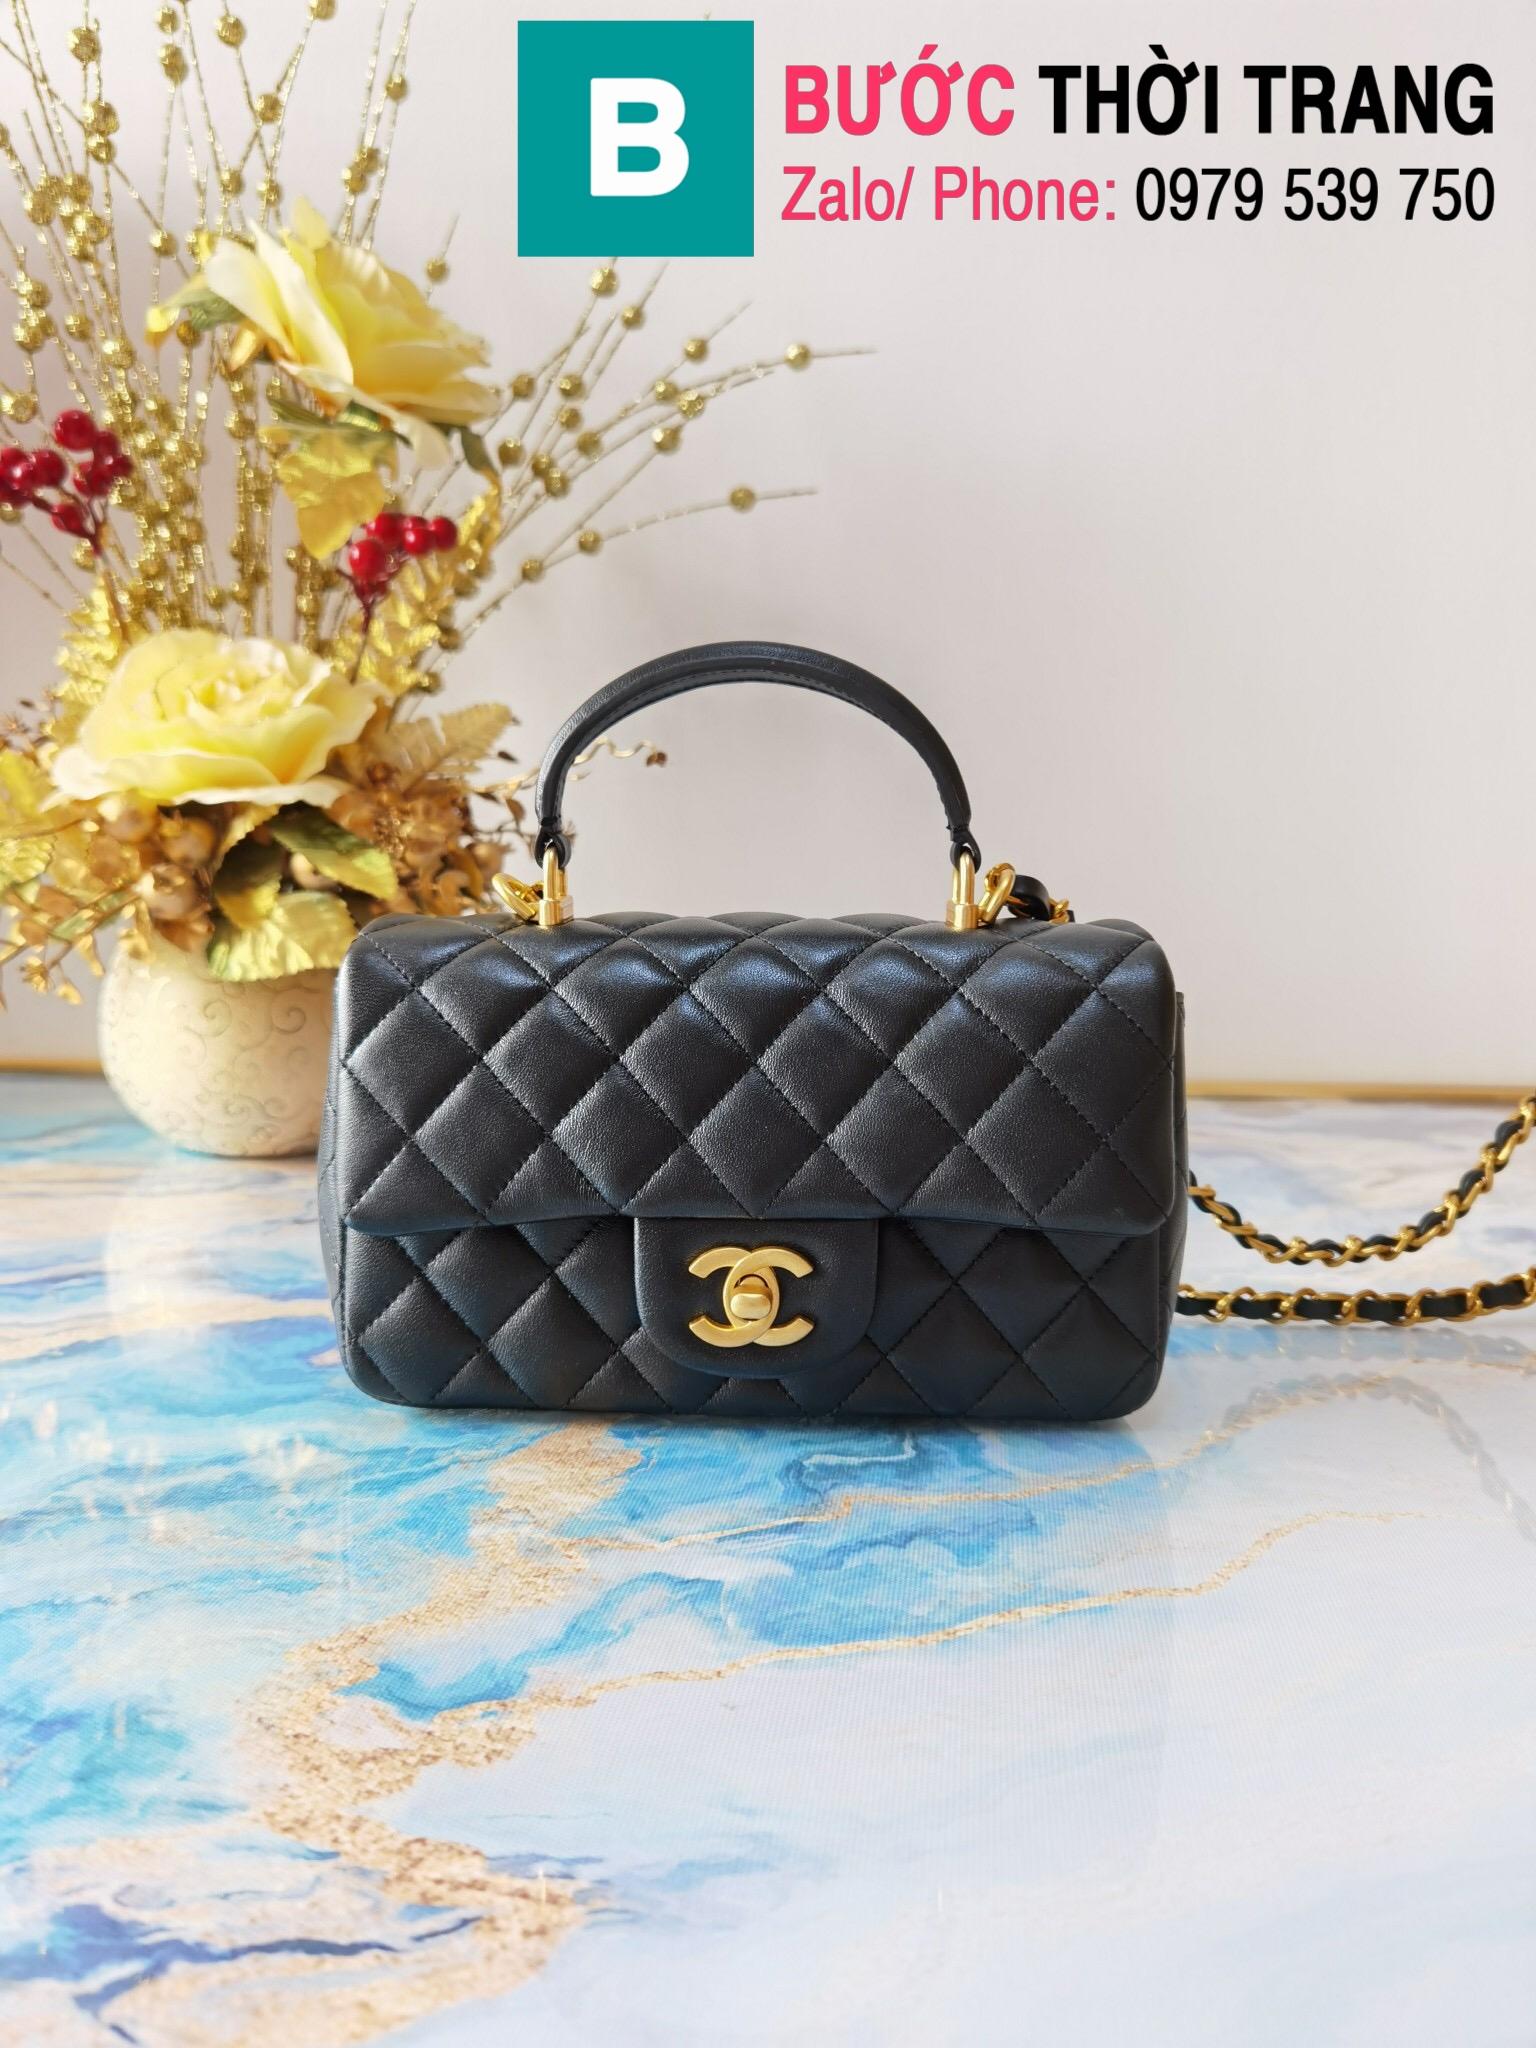 Túi xách Chanel mẫu mới 2021 (1)